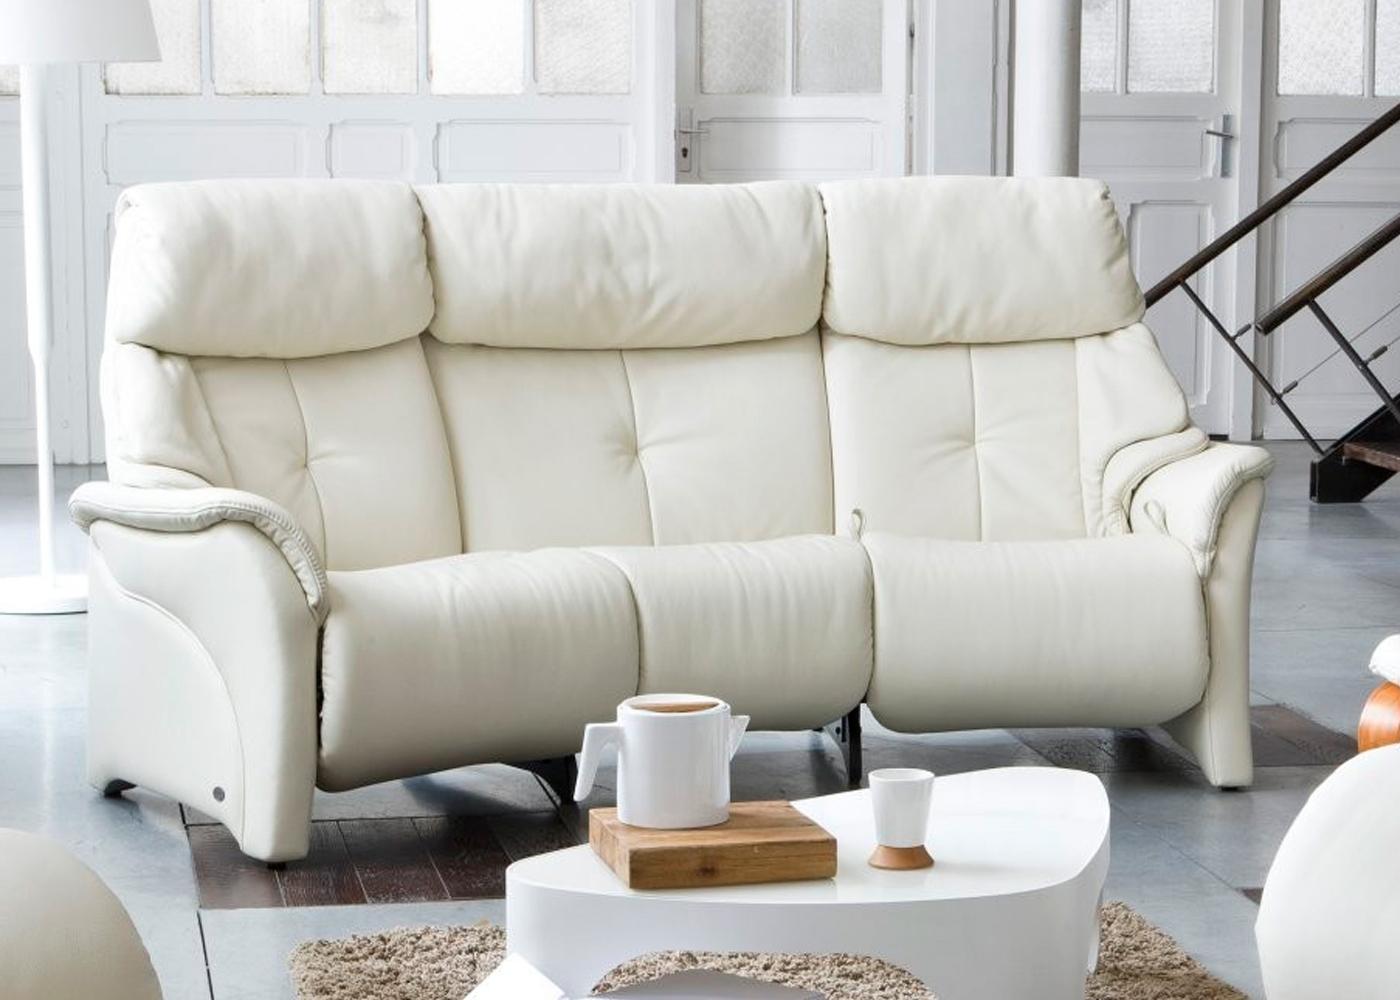 Midfurn Furniture (View 2 of 20)